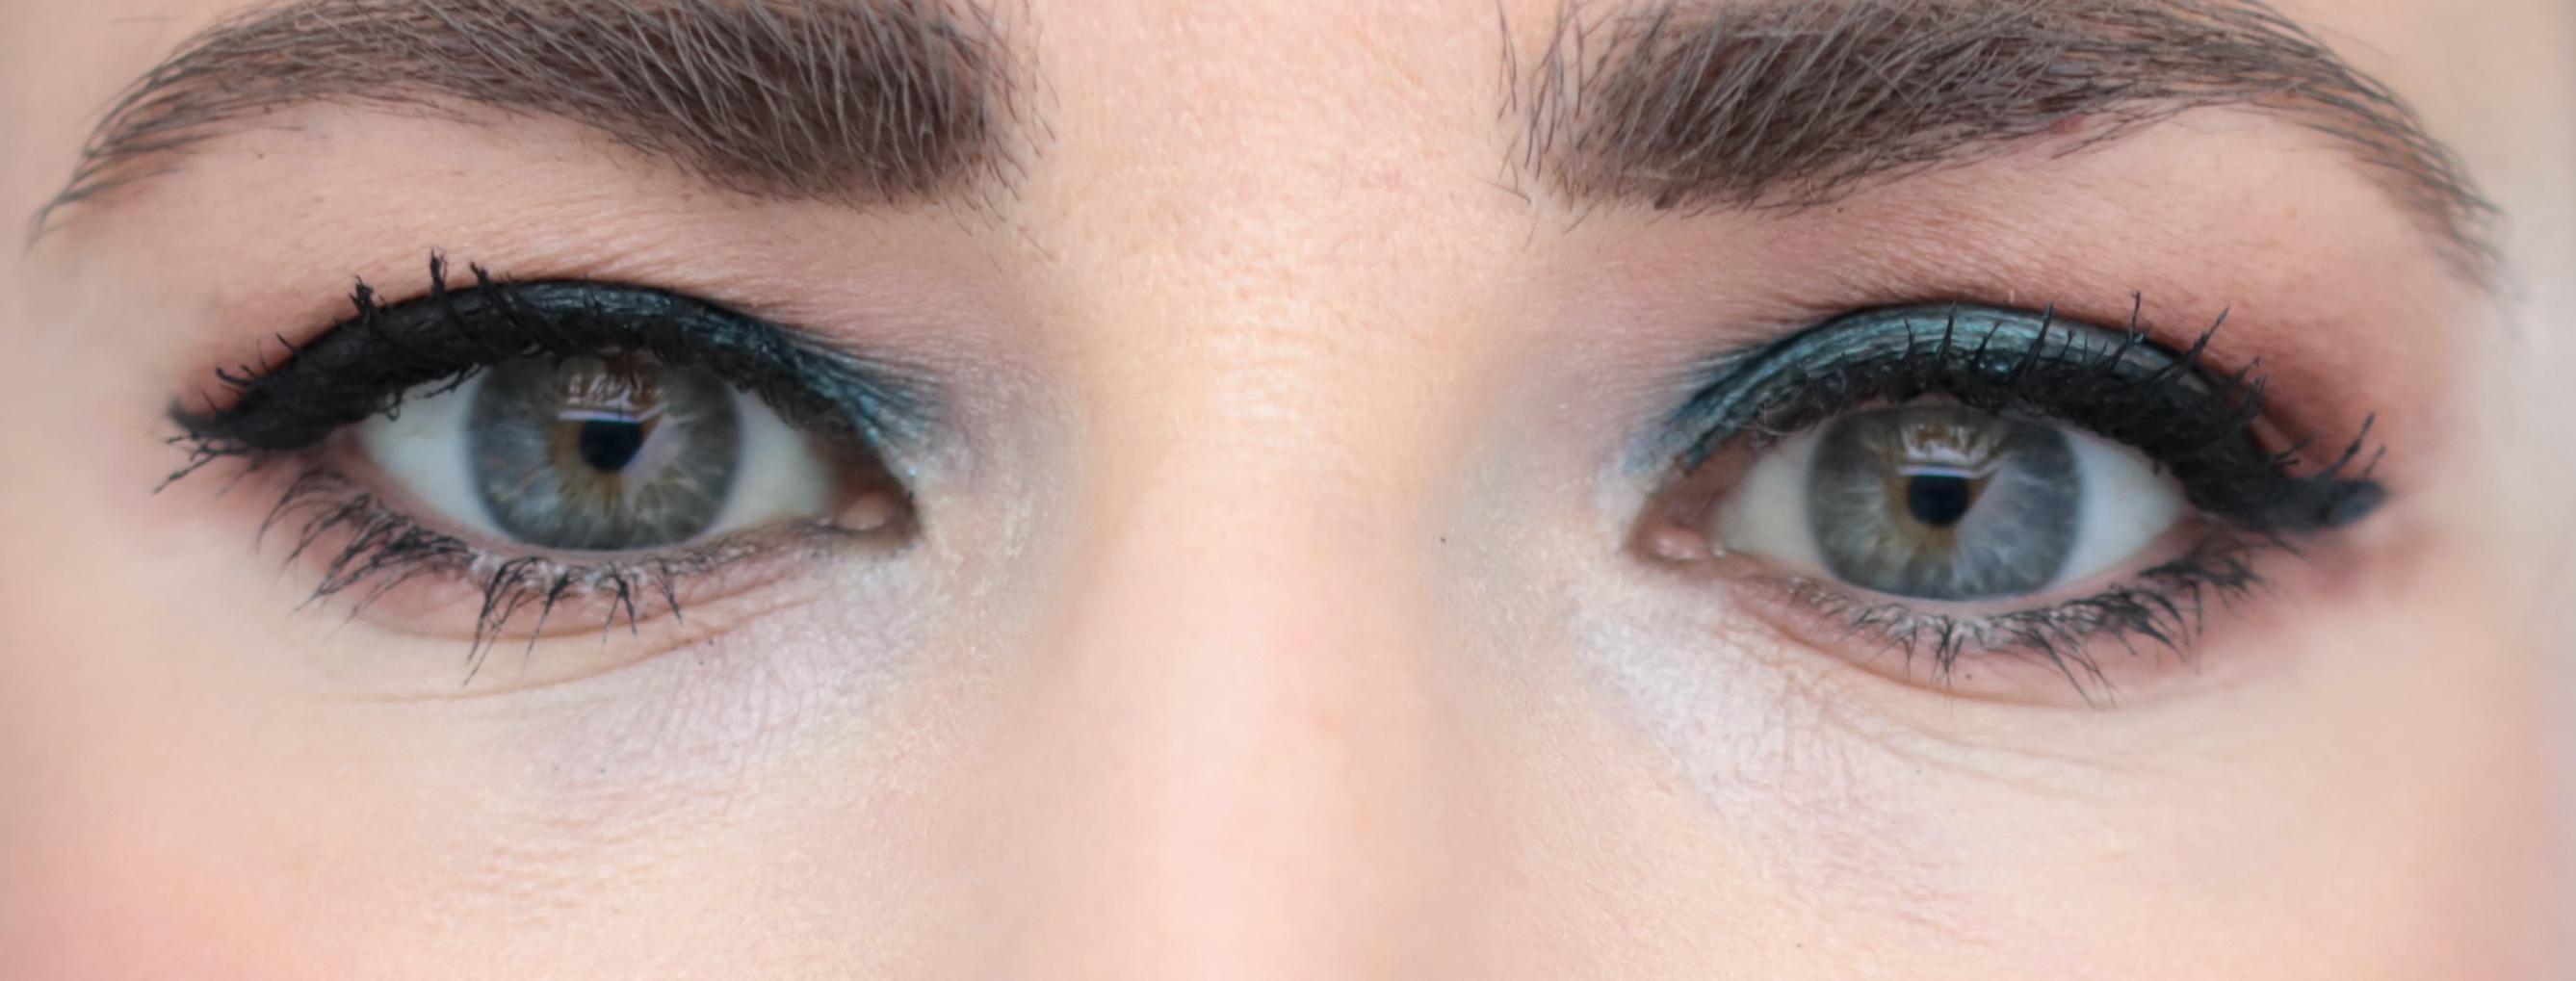 Mast Maquillage yeux avis